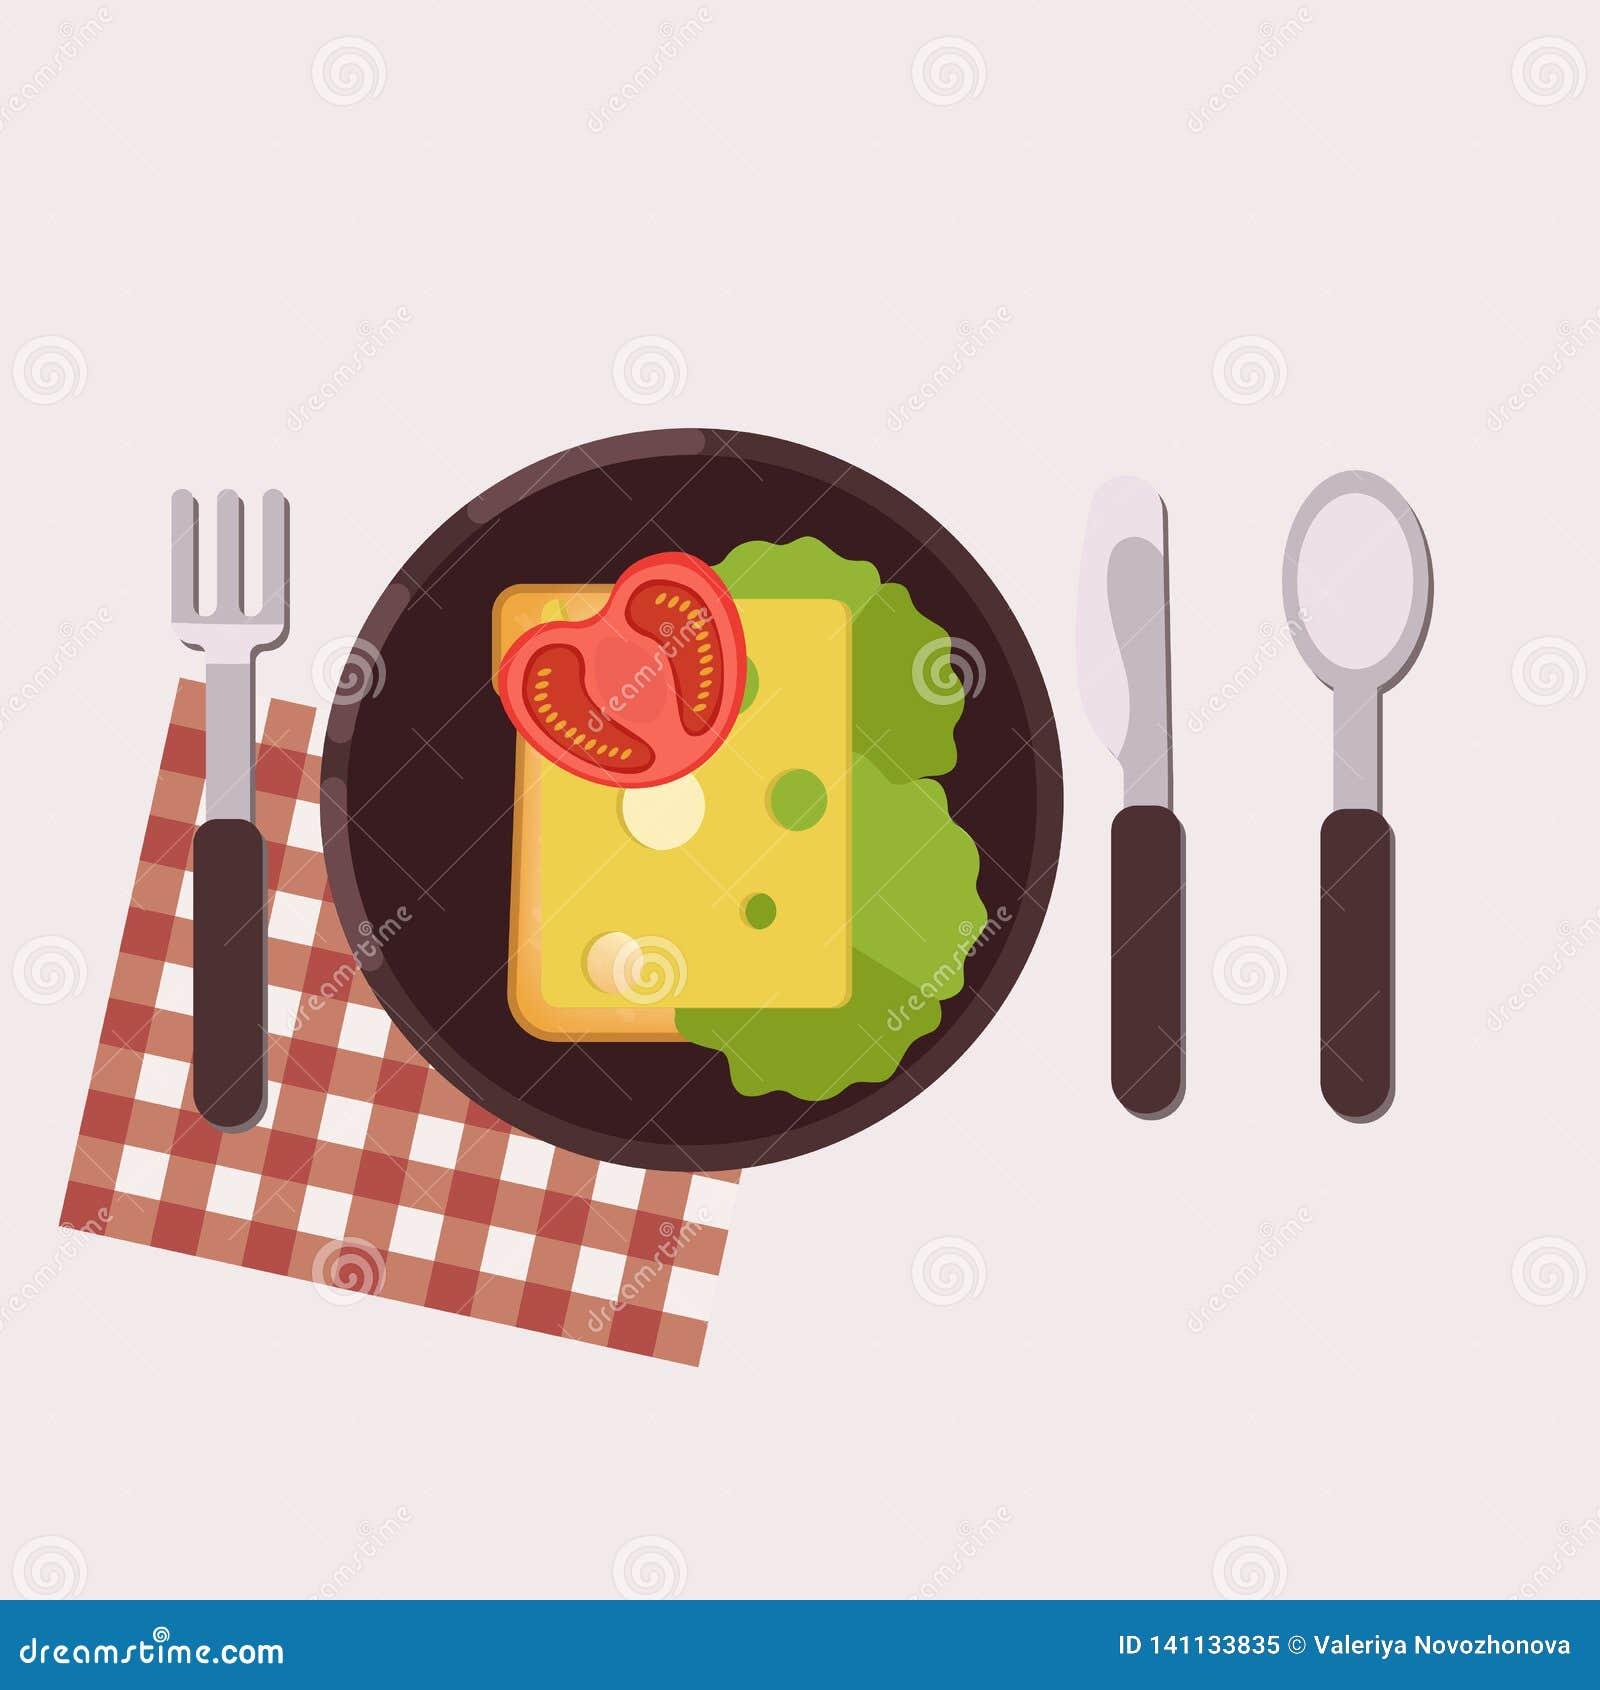 La tostada con queso, mantequilla, el tomate y la ensalada verde sirvió en una placa con la bifurcación, el cuchillo, la cuchara